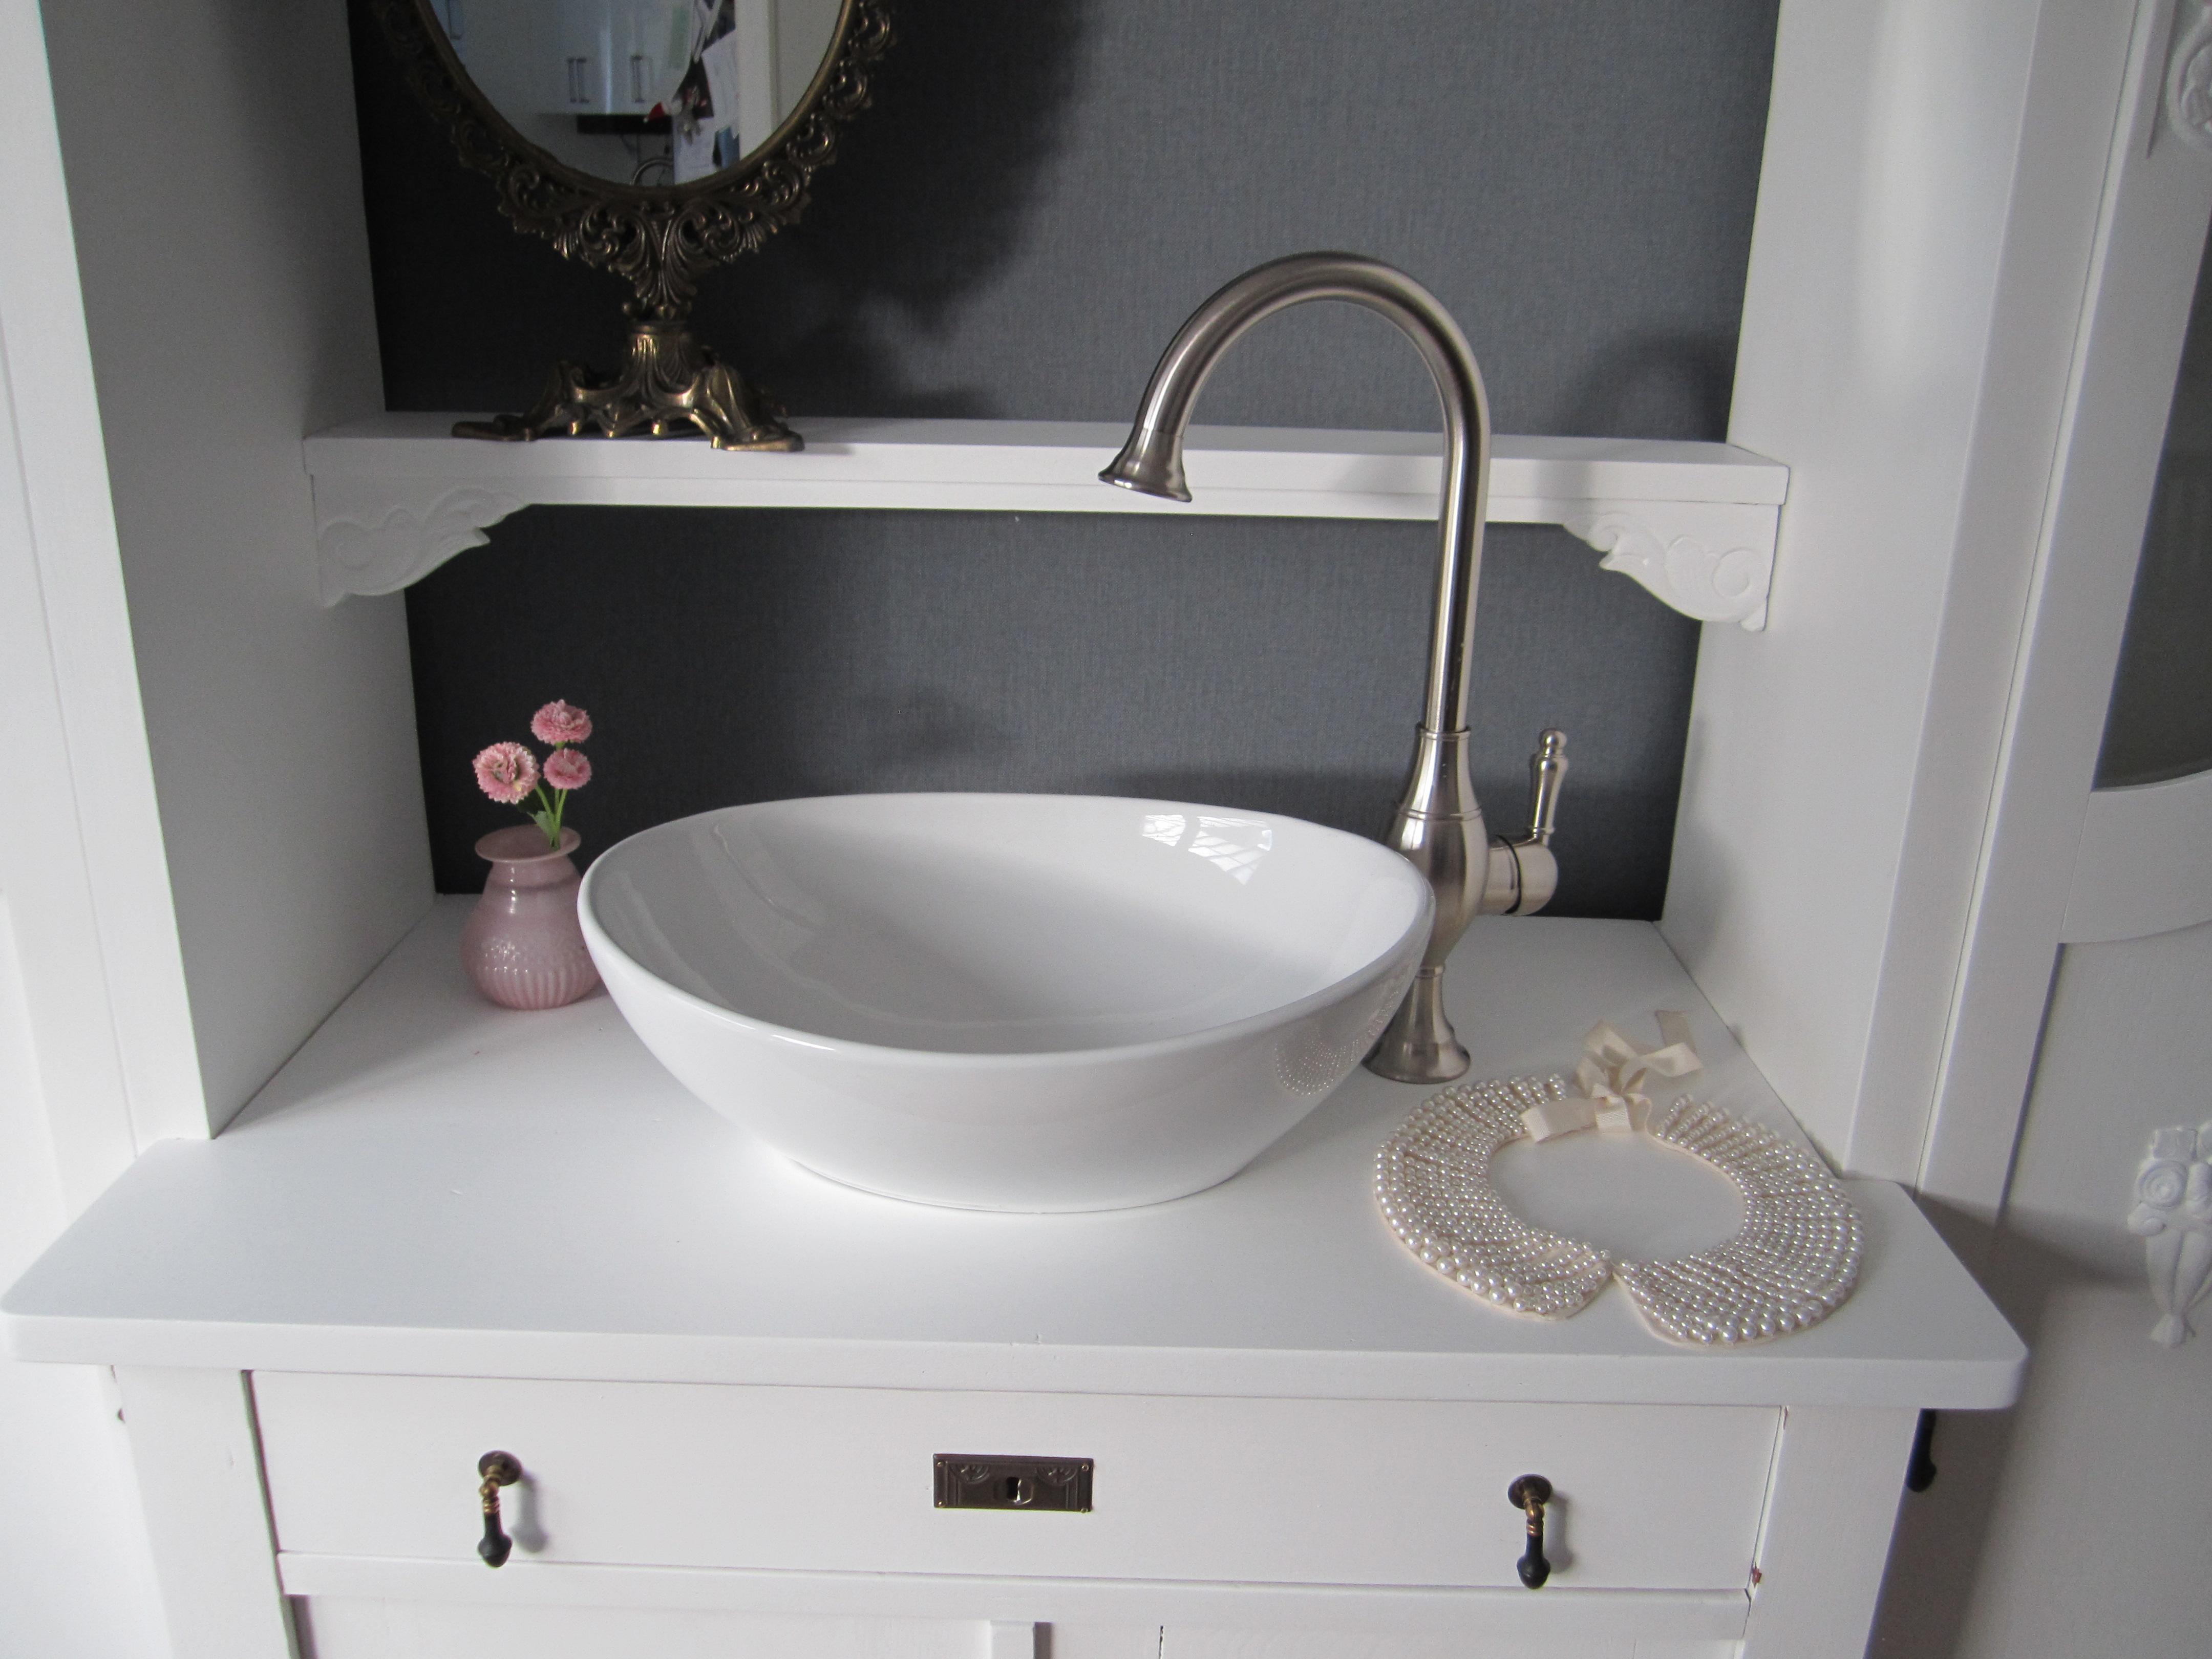 Zartes Landhaus Badezimmer Set in Weiß - Wasserheimat